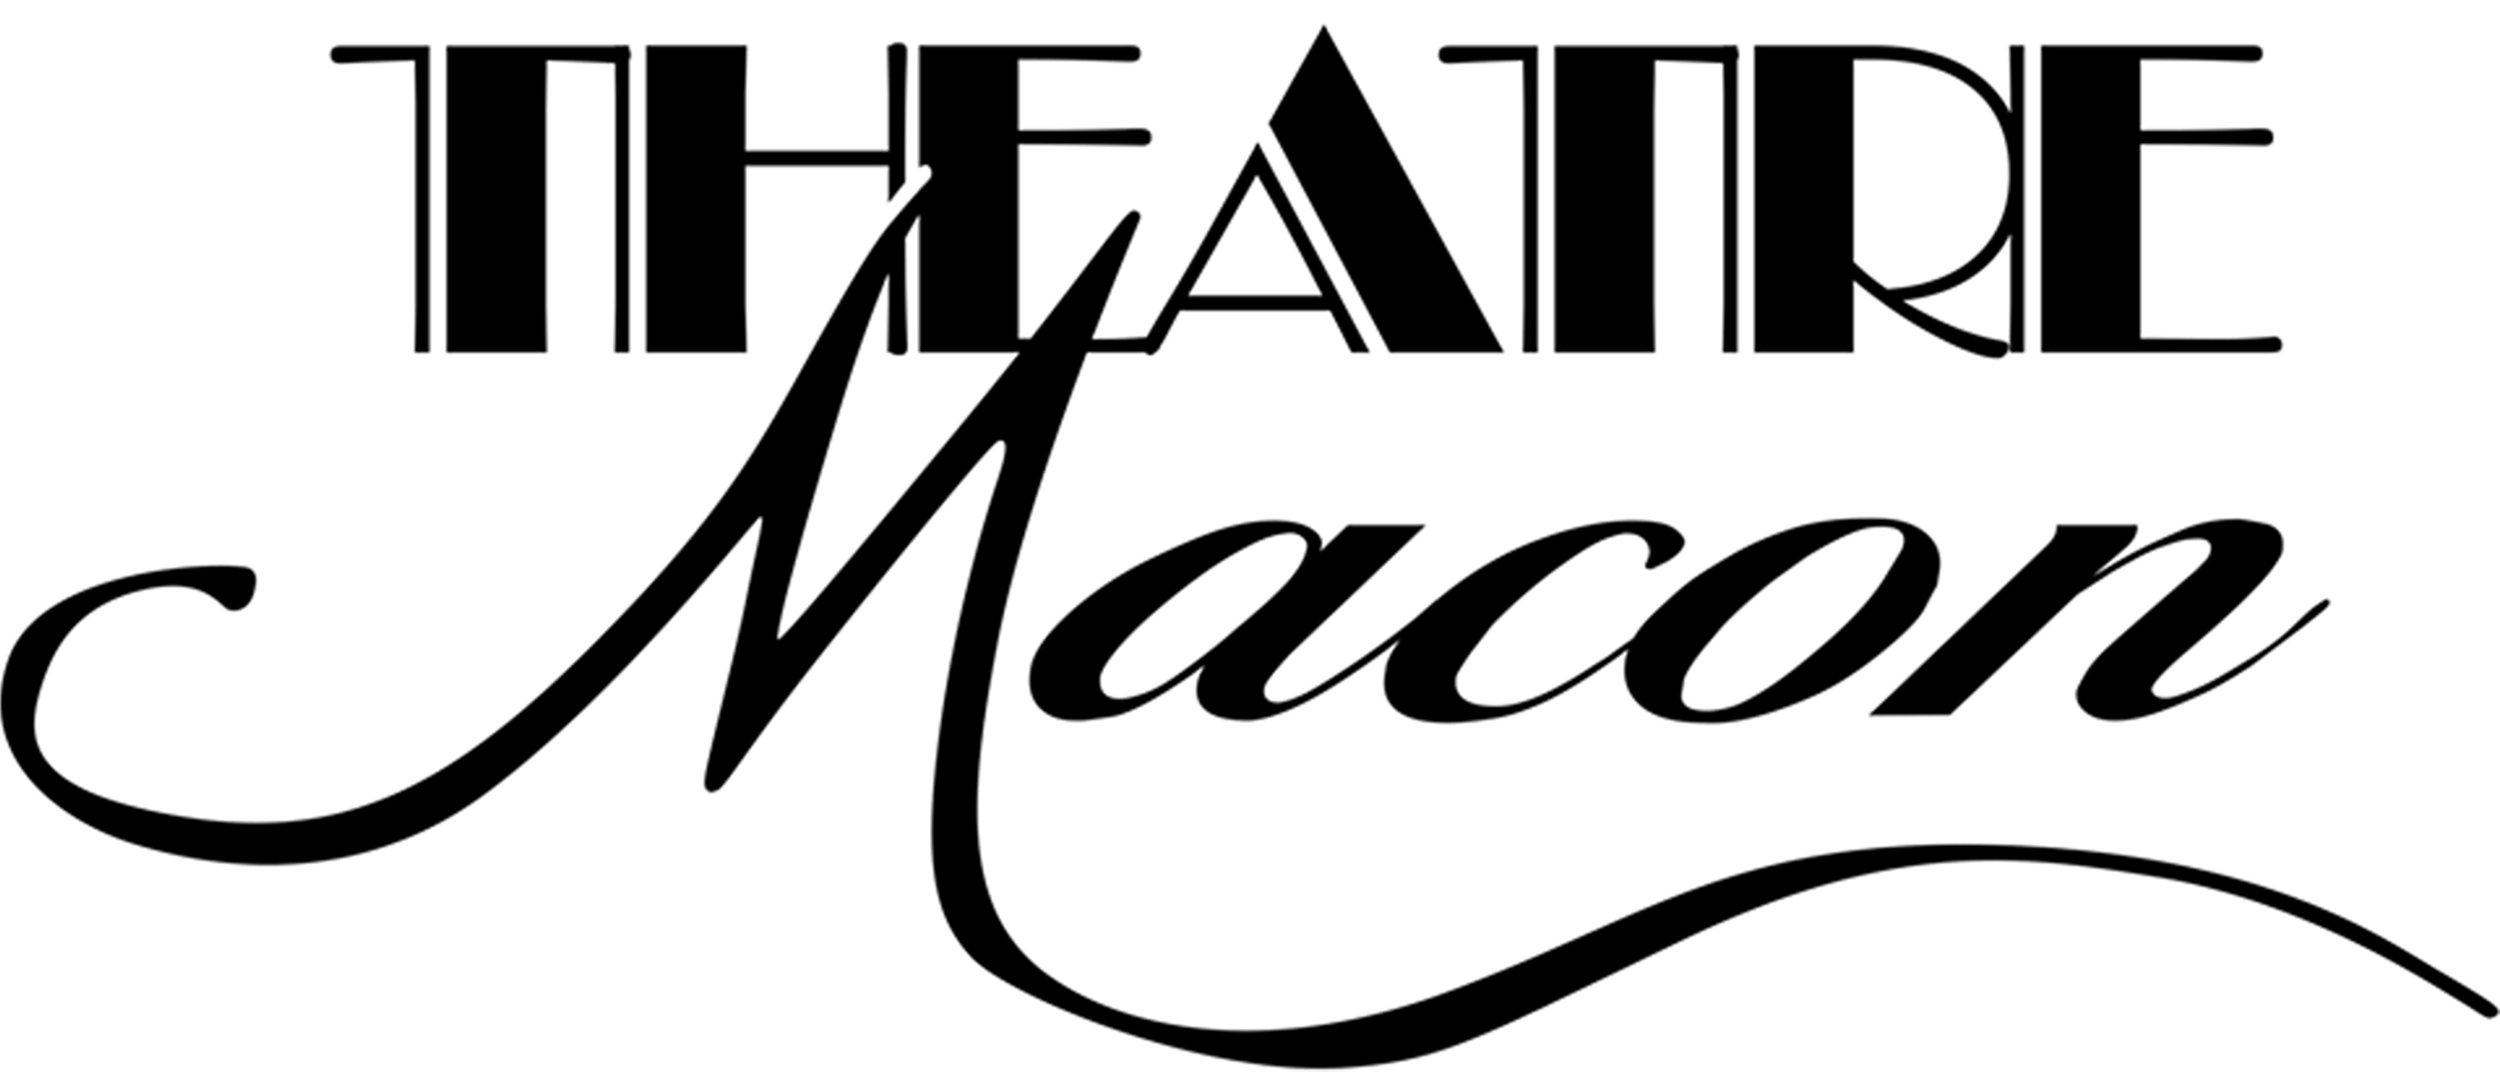 Horizontal TM Logo.jpg